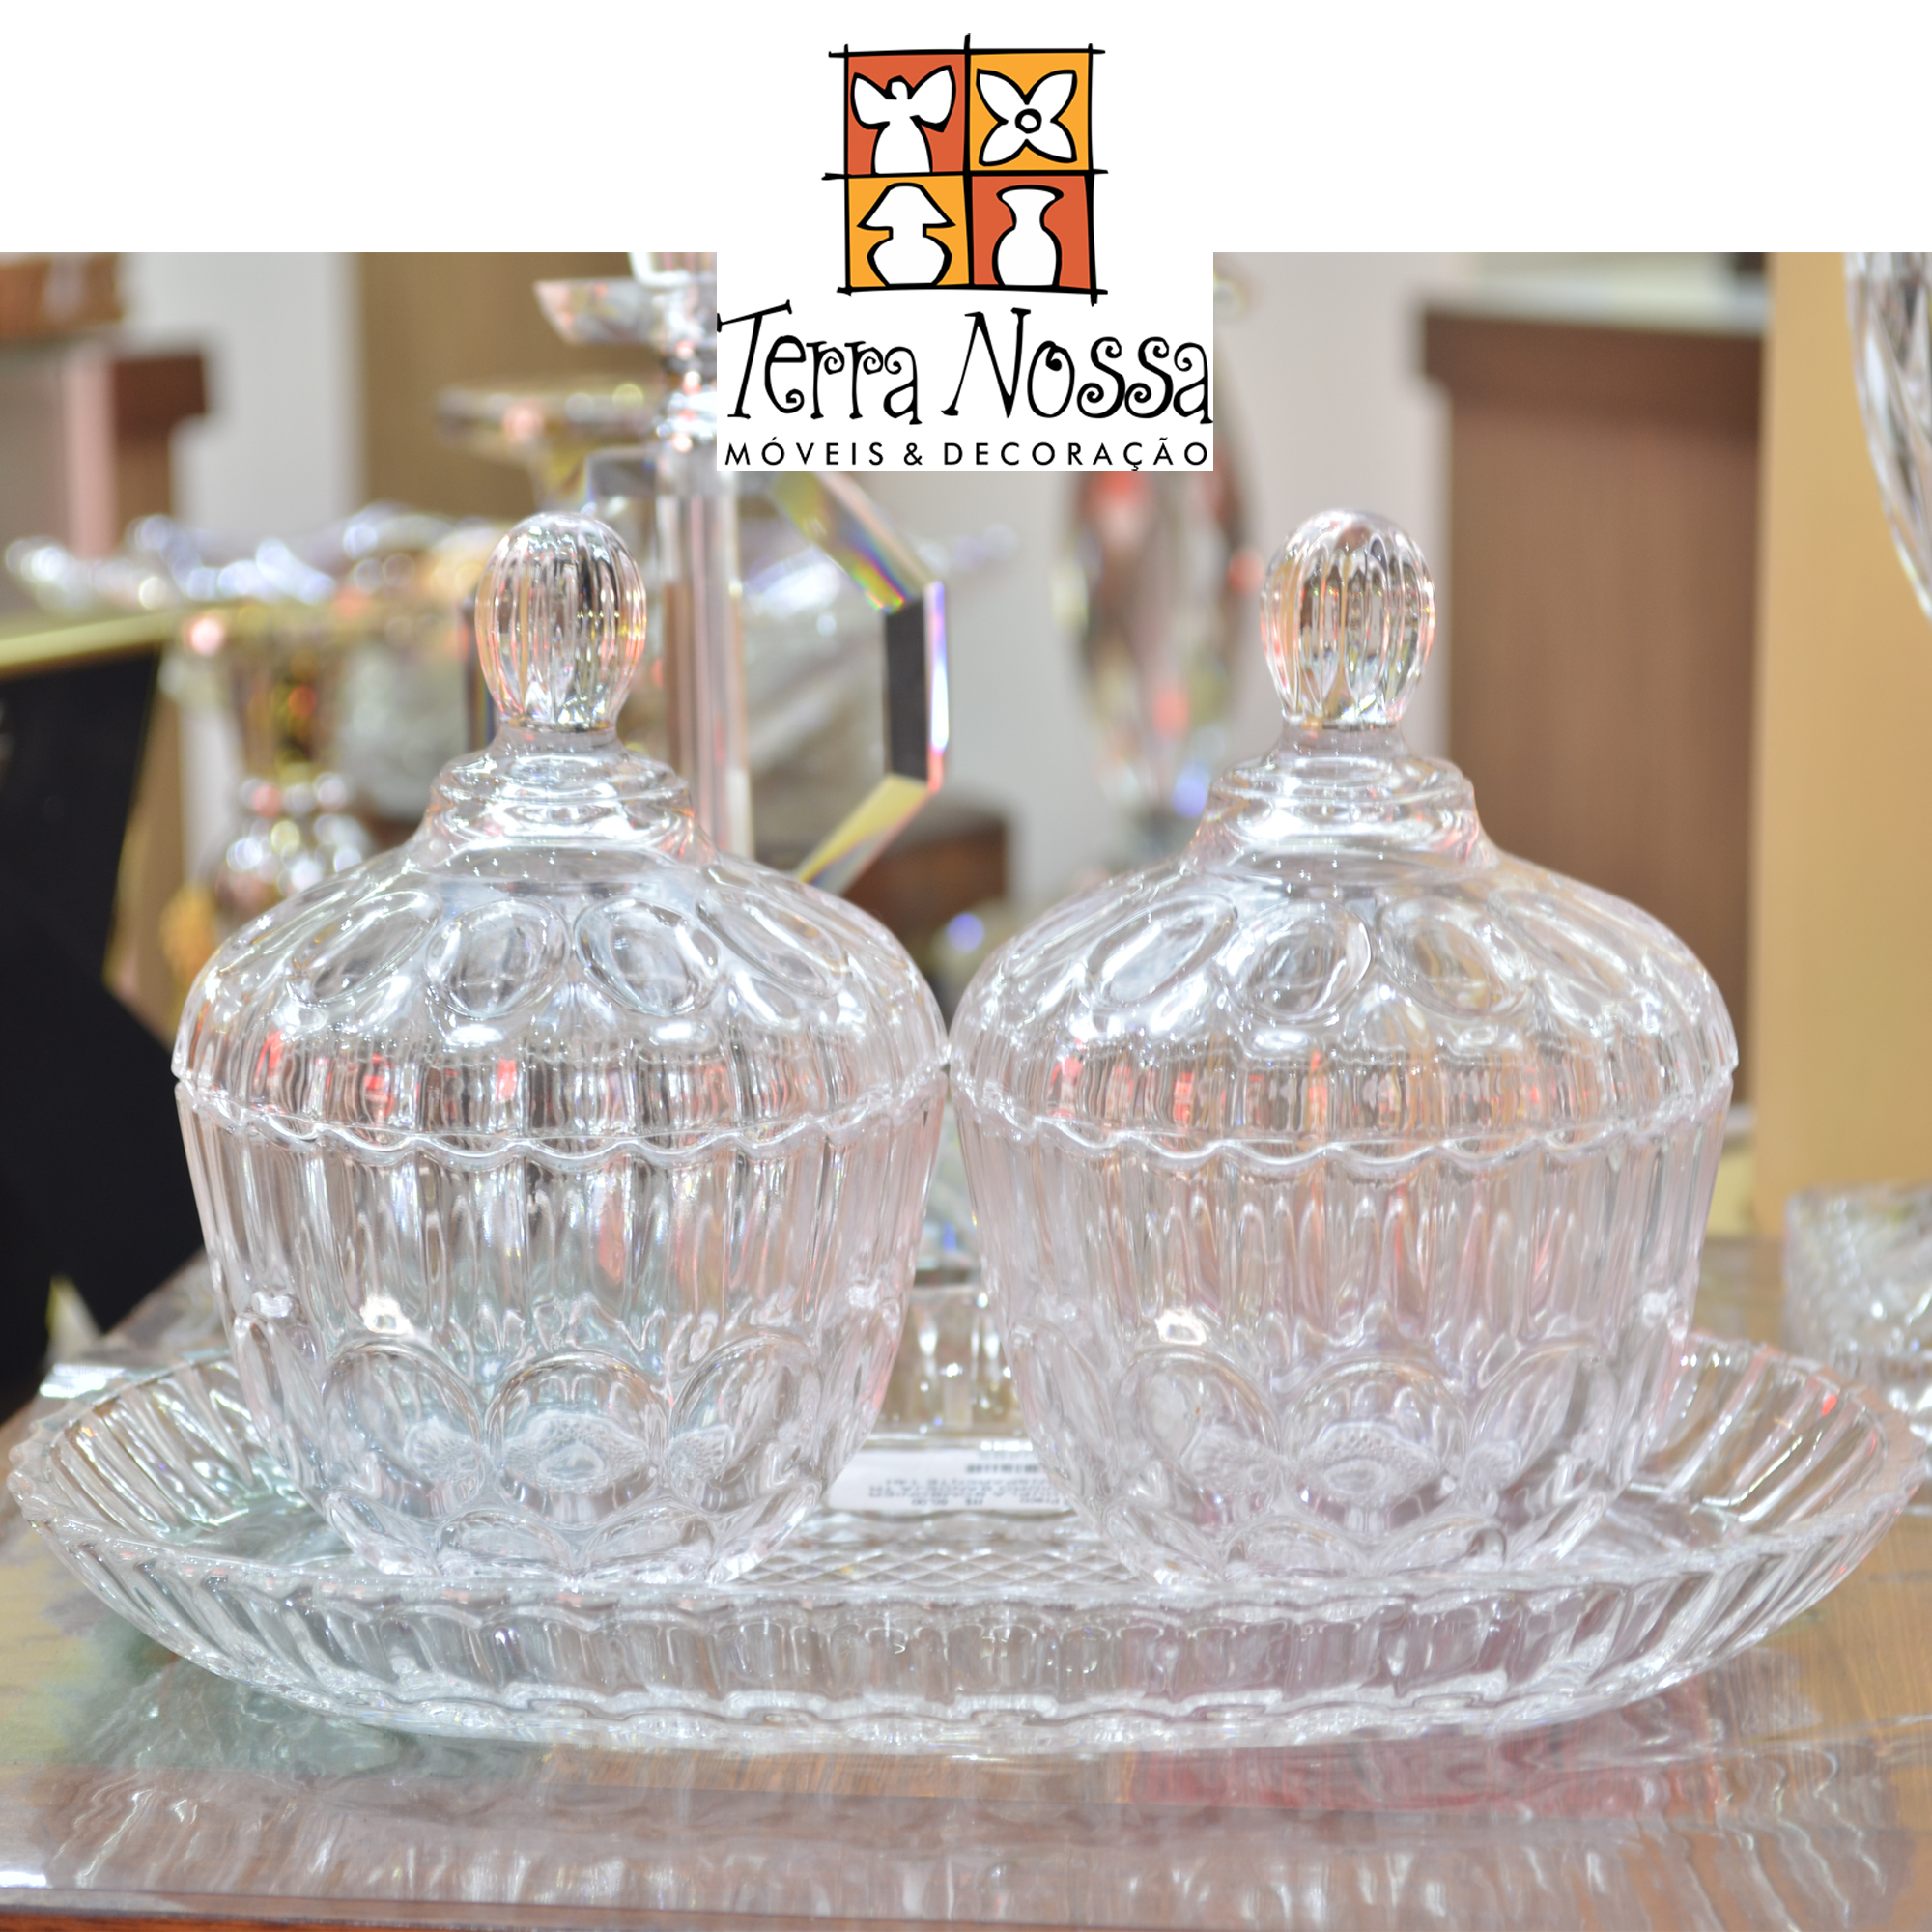 Decore com a loja Terra Nossa são lindos vasos, porta joia em diversos modelos